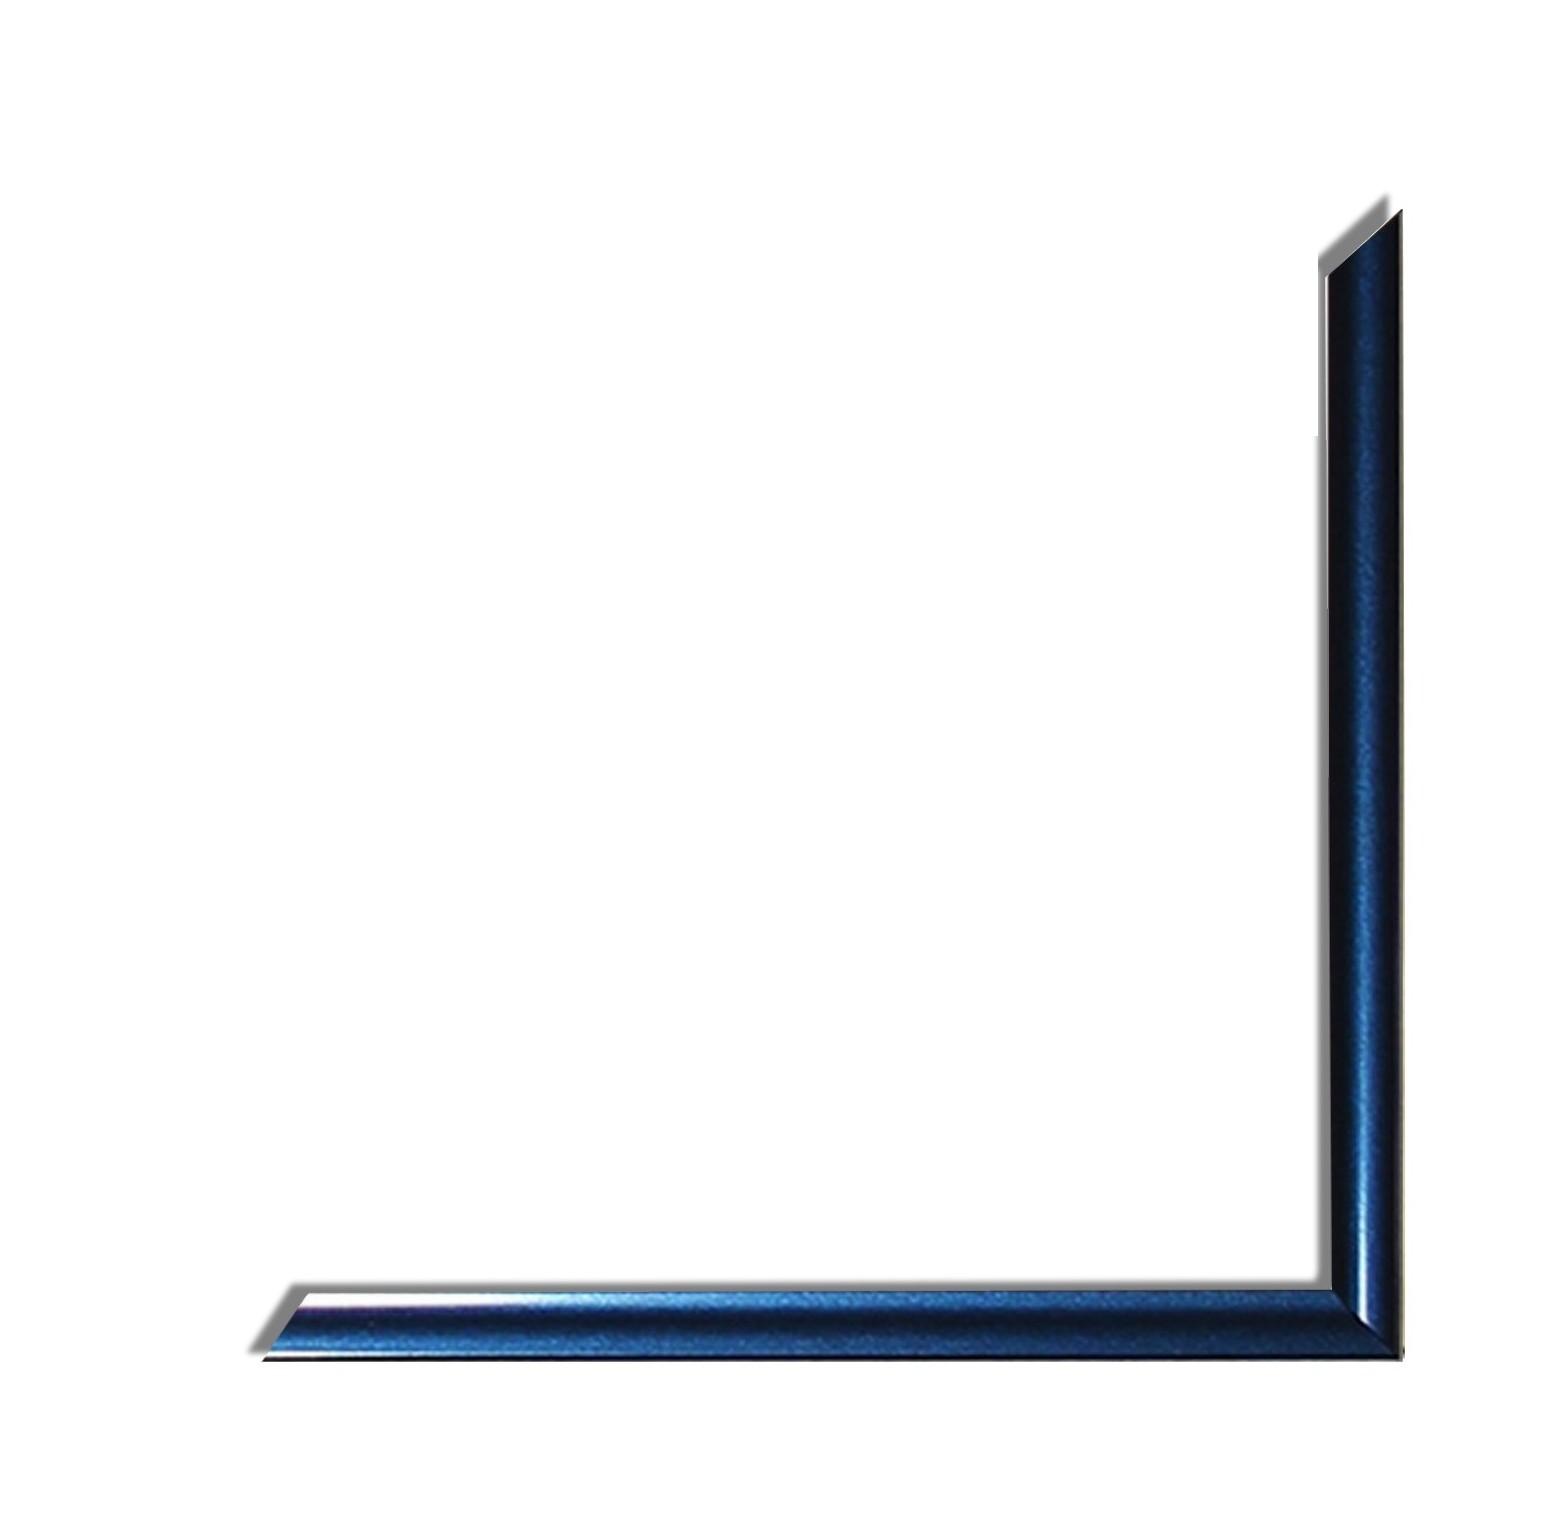 Posterrahmen Kunststoff Bilderrahmen Plastik Atlas Metallic Blau antireflex